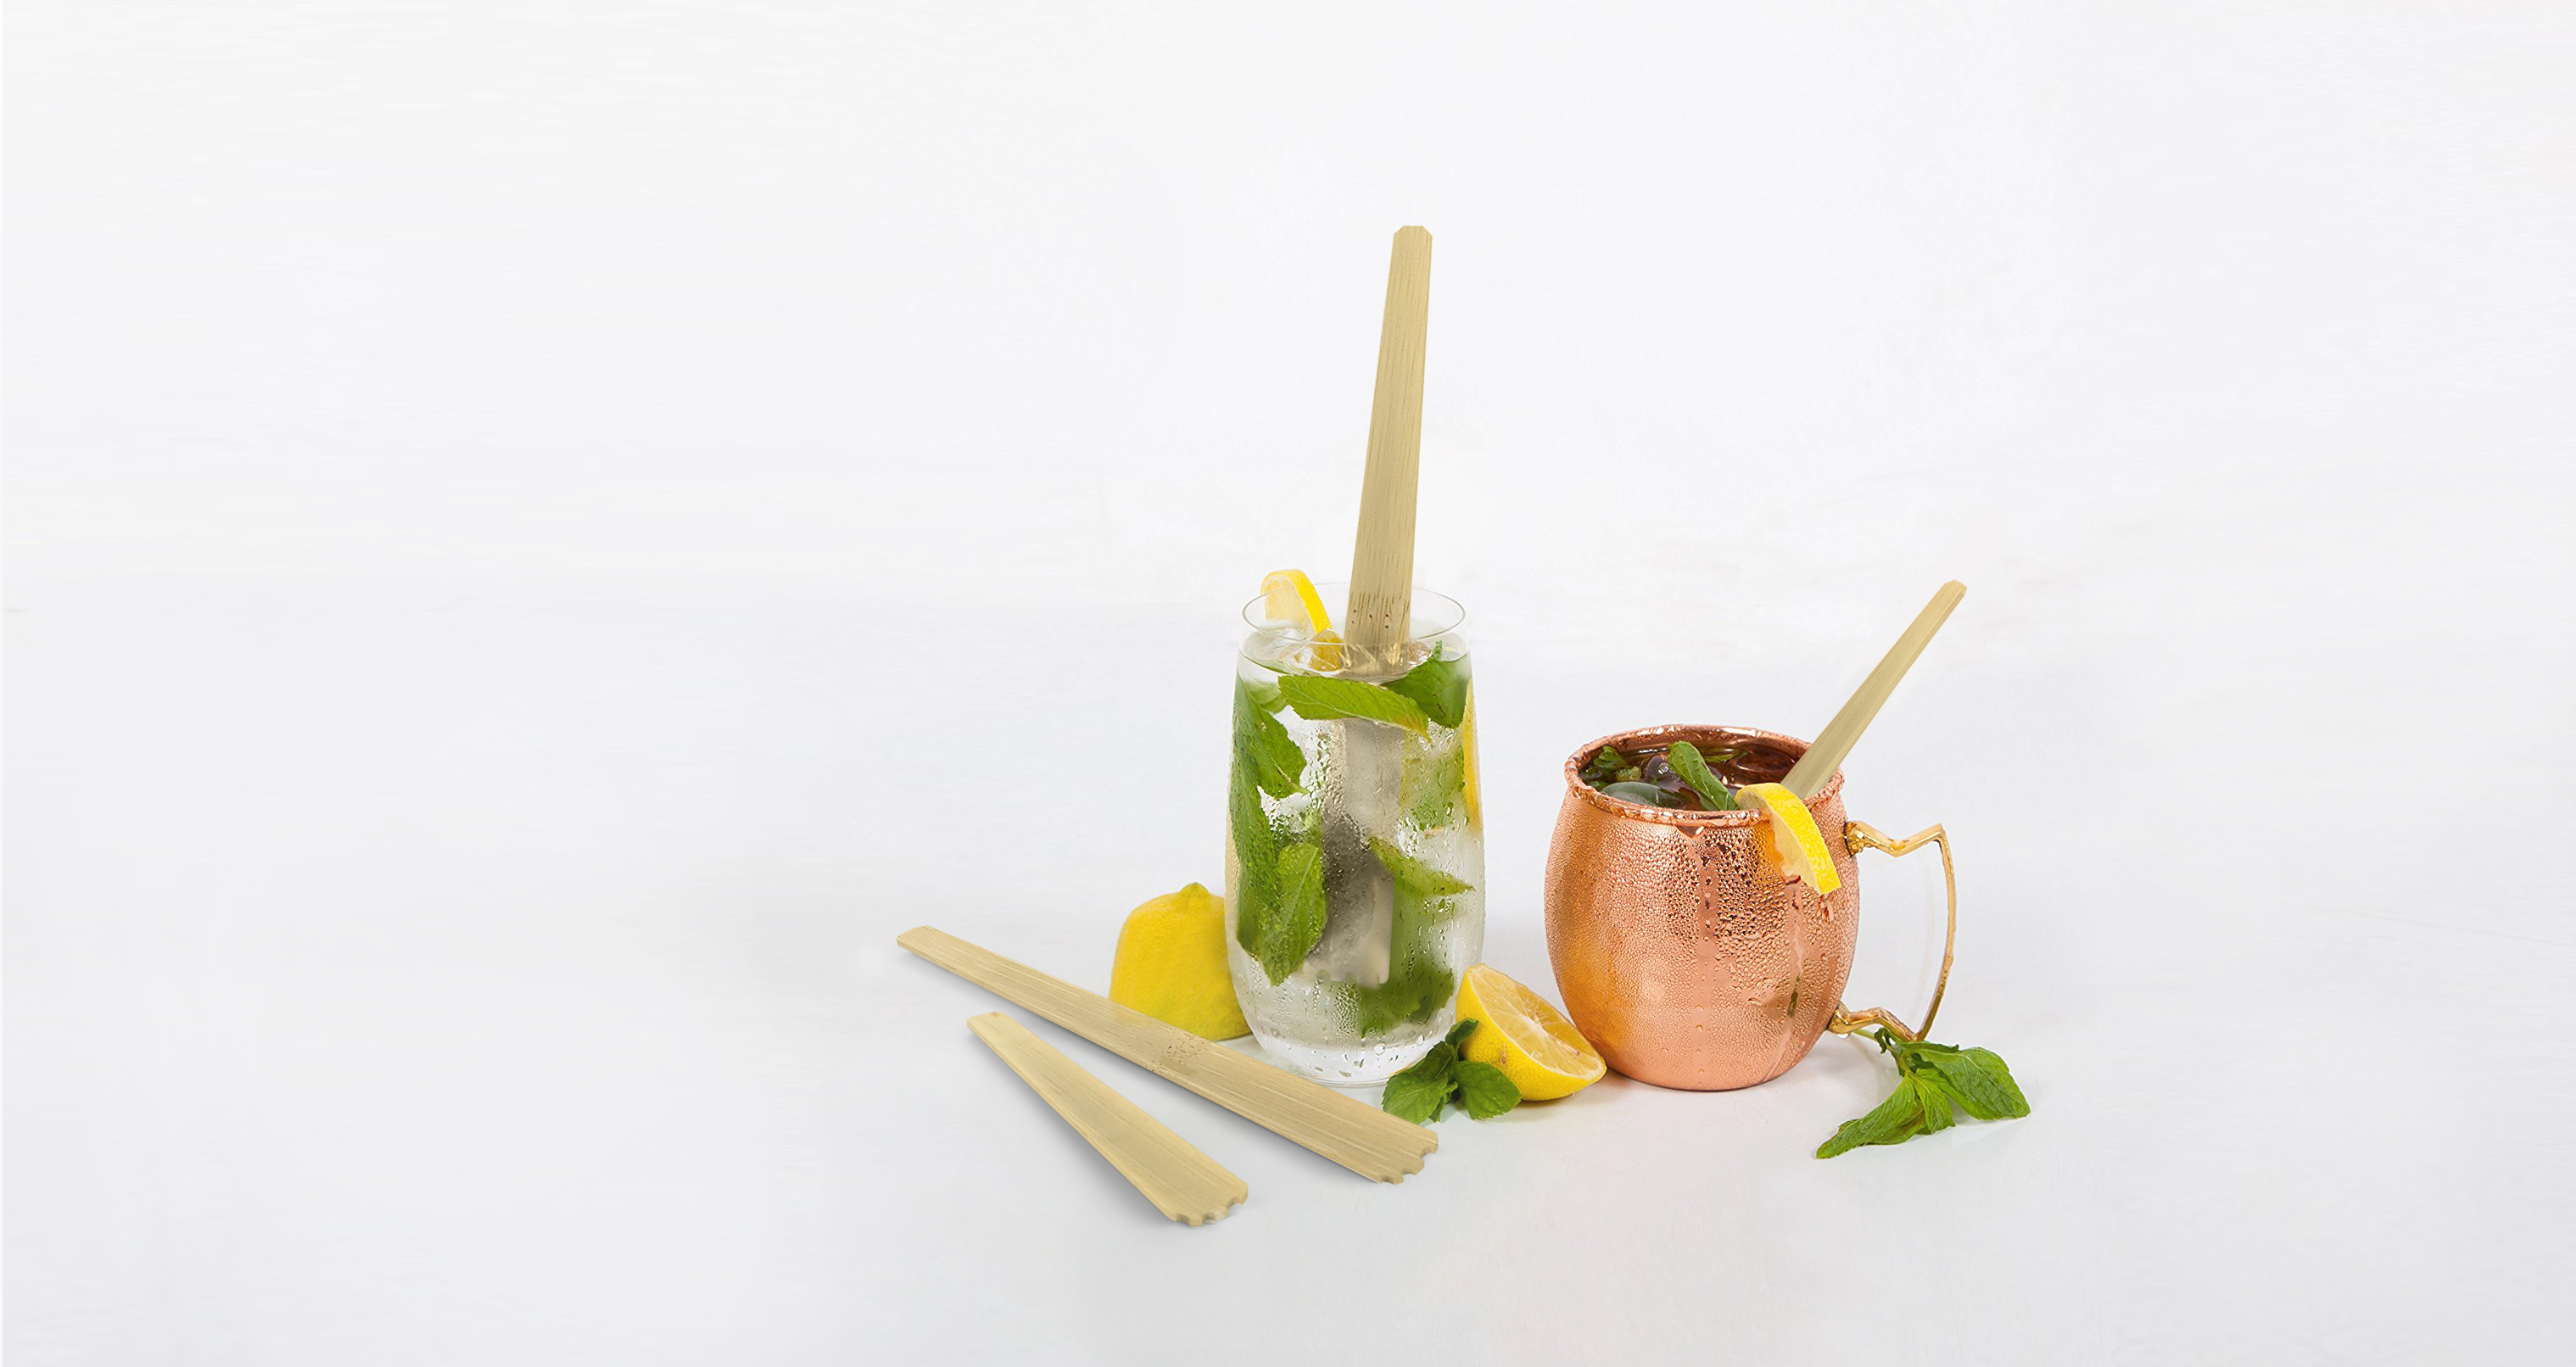 Eco cocktail stirrer rendering